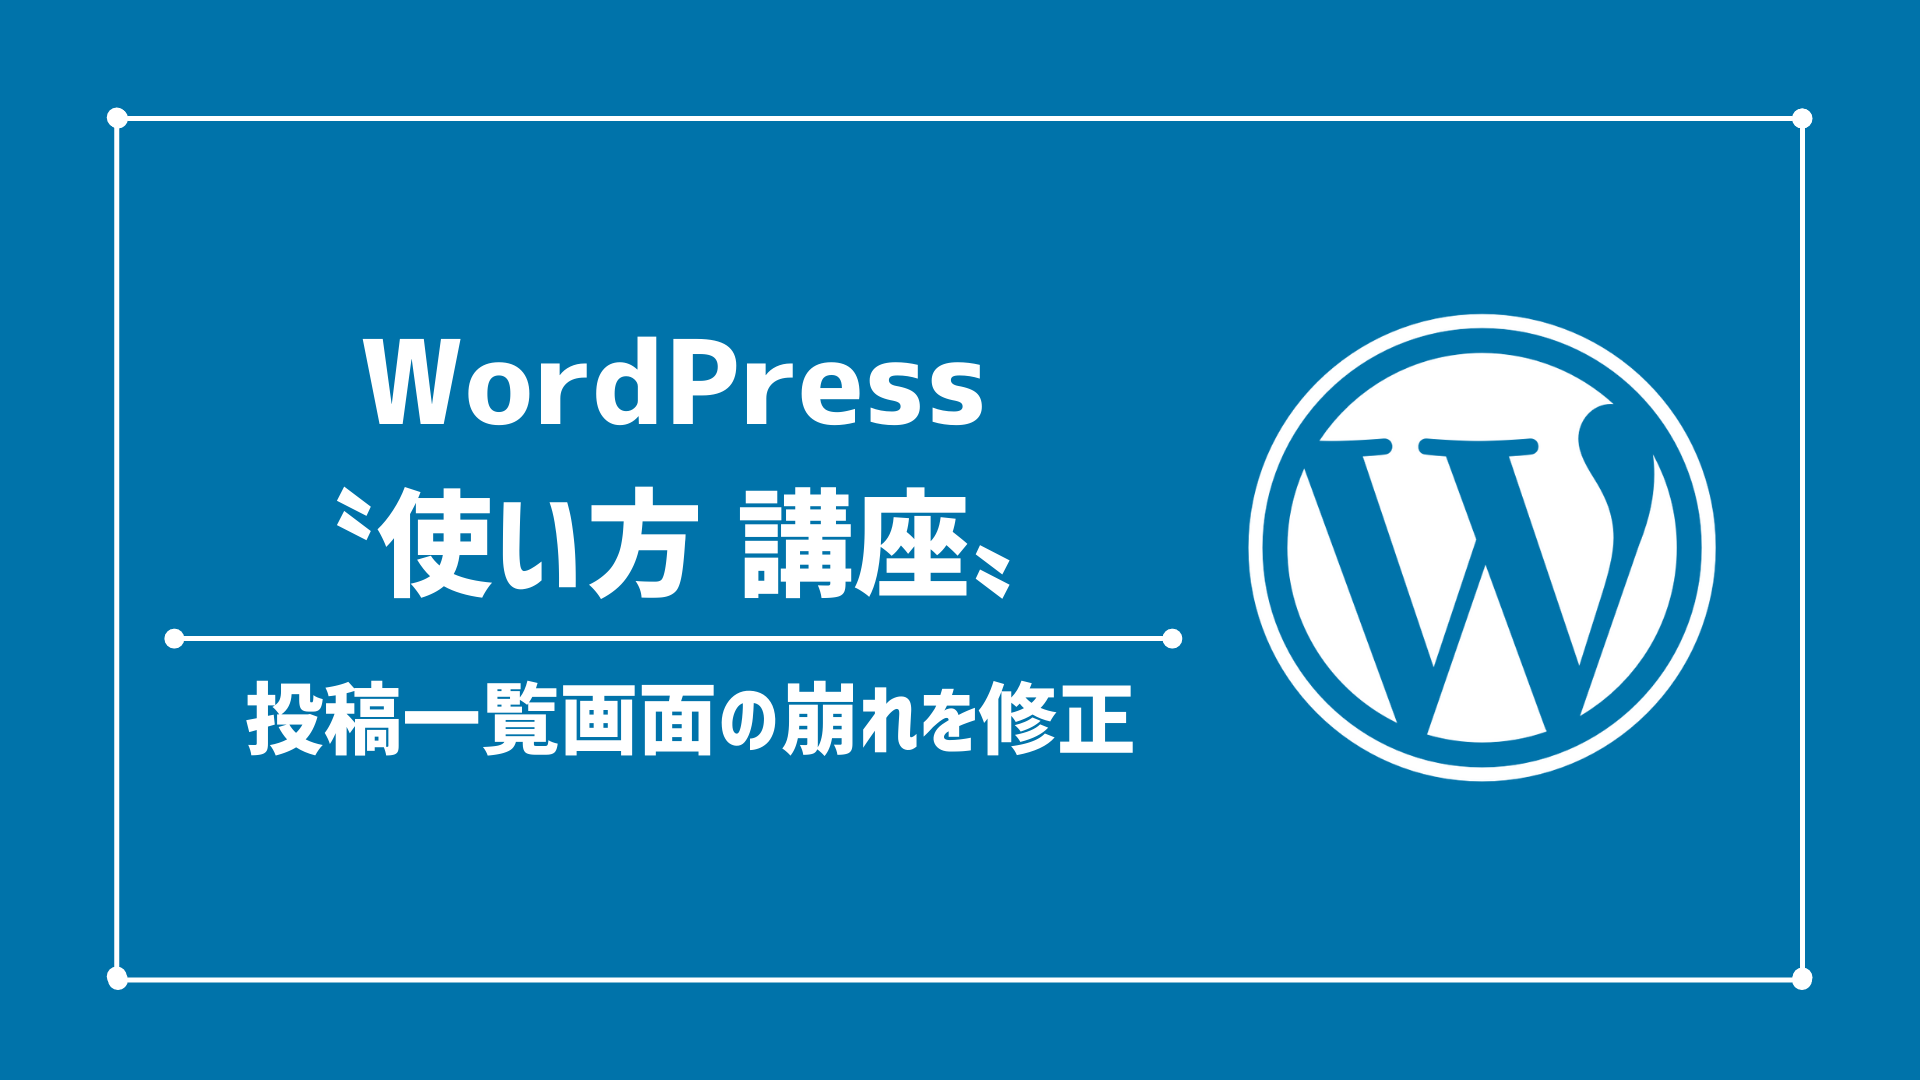 【WordPress】投稿一覧画面の表示が崩れる/記事タイトルが細長く見づらい時の対処法